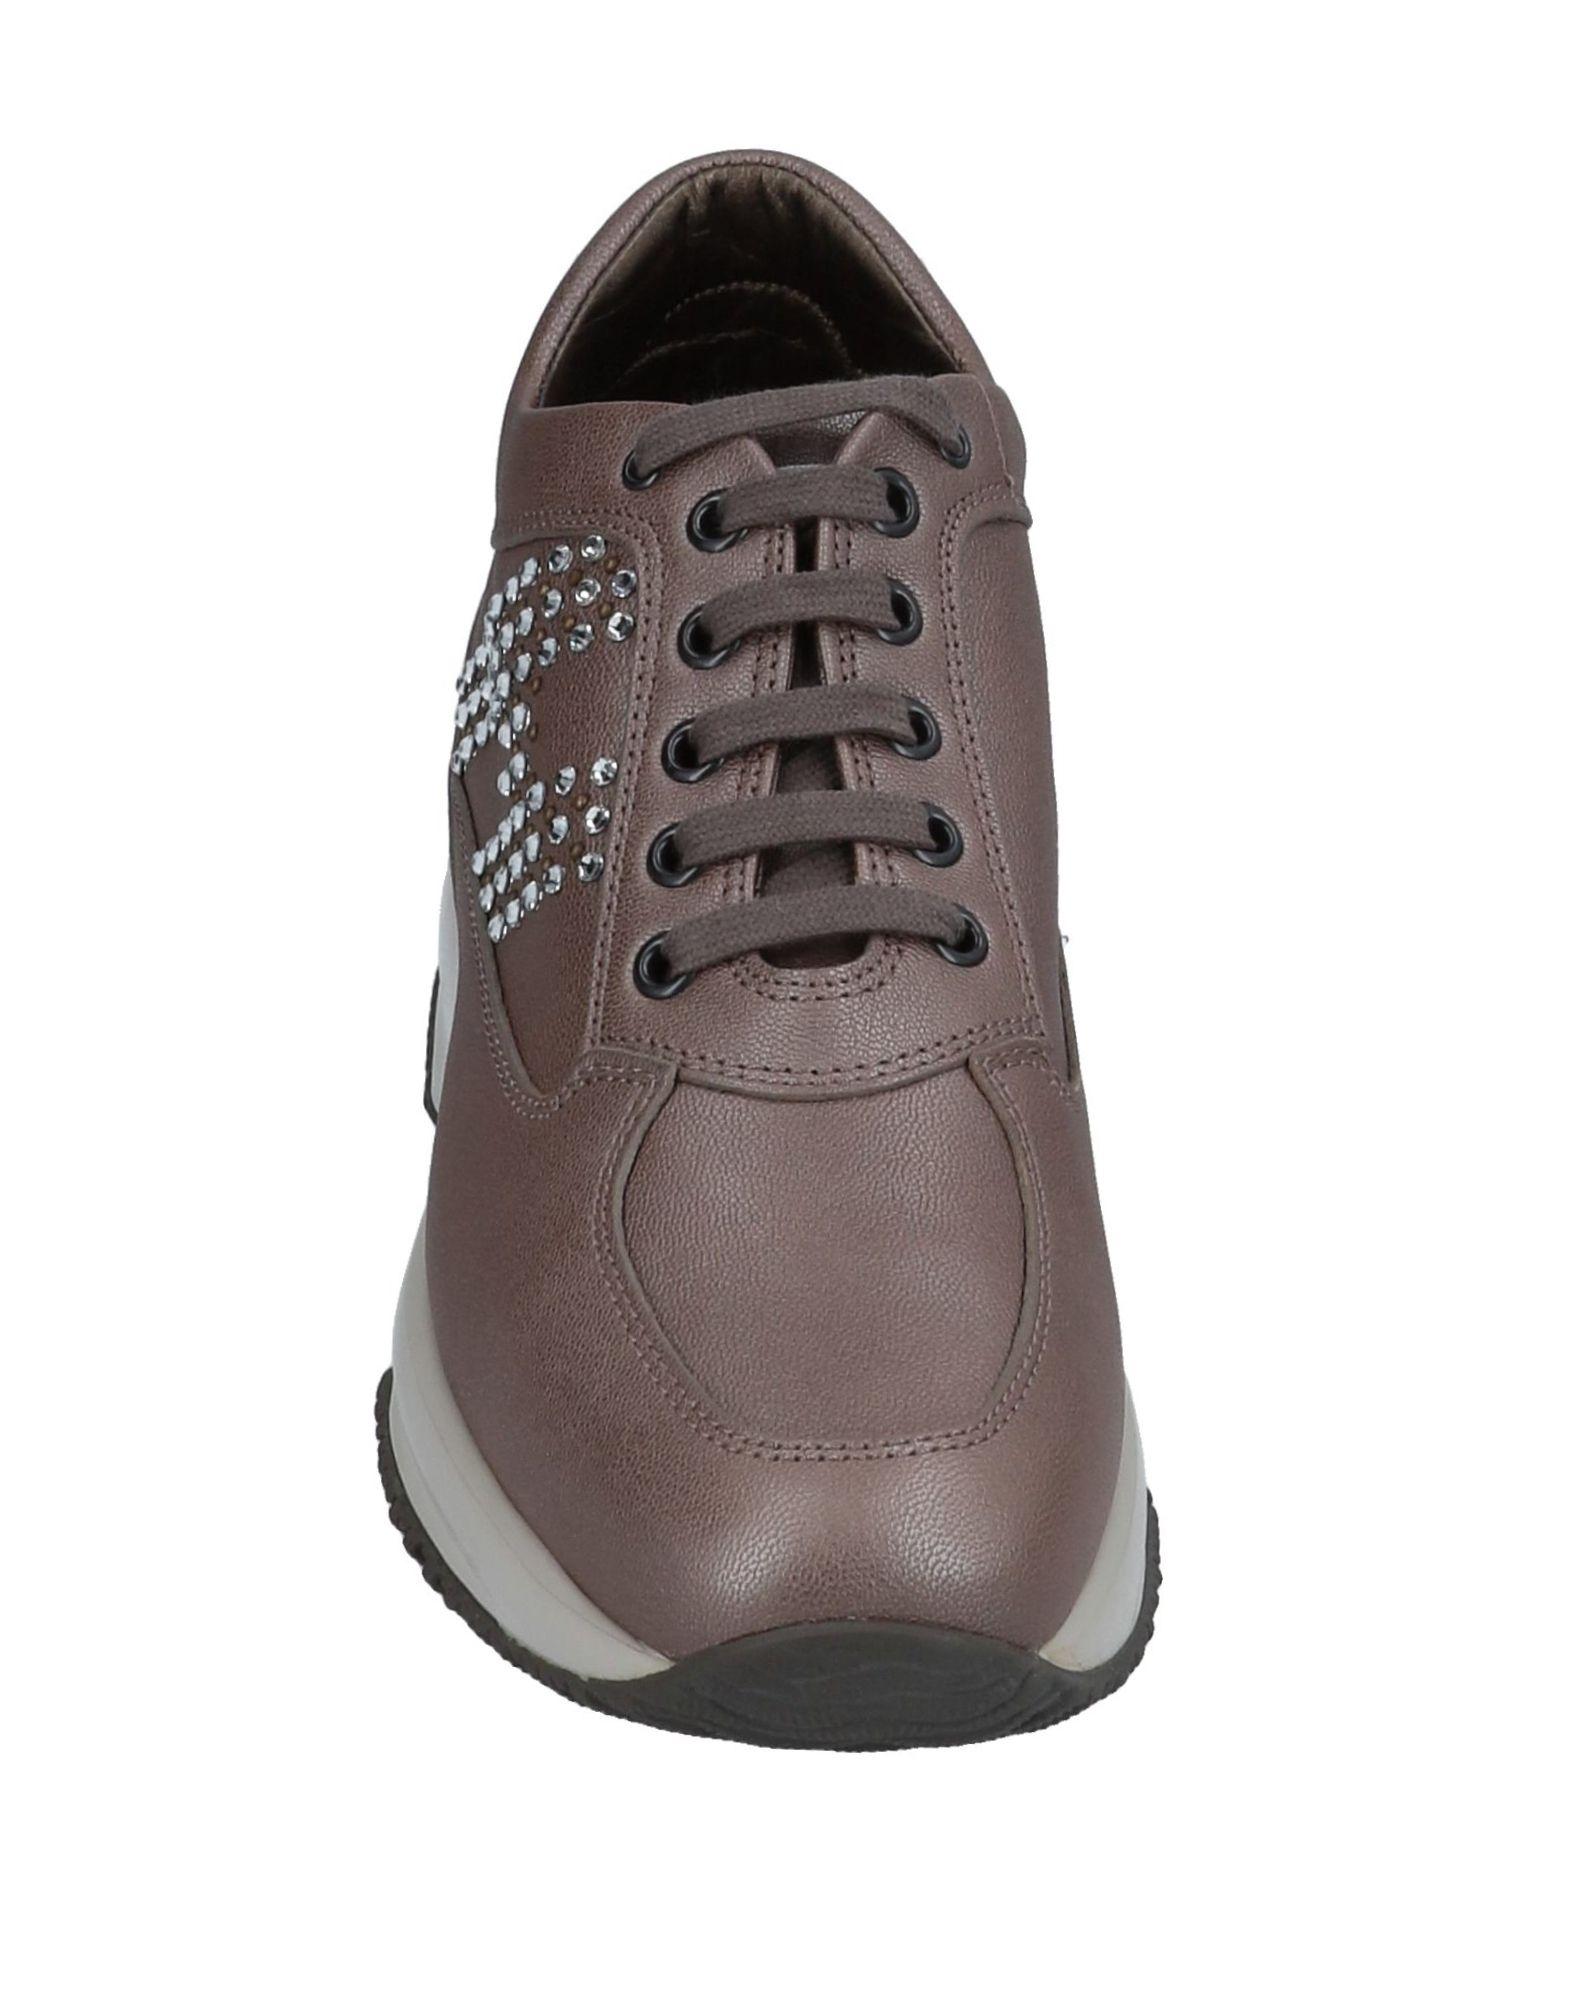 Klassischer Stil-21396,Hogan Sneakers Damen Gutes sich Preis-Leistungs-Verhältnis, es lohnt sich Gutes da5c73